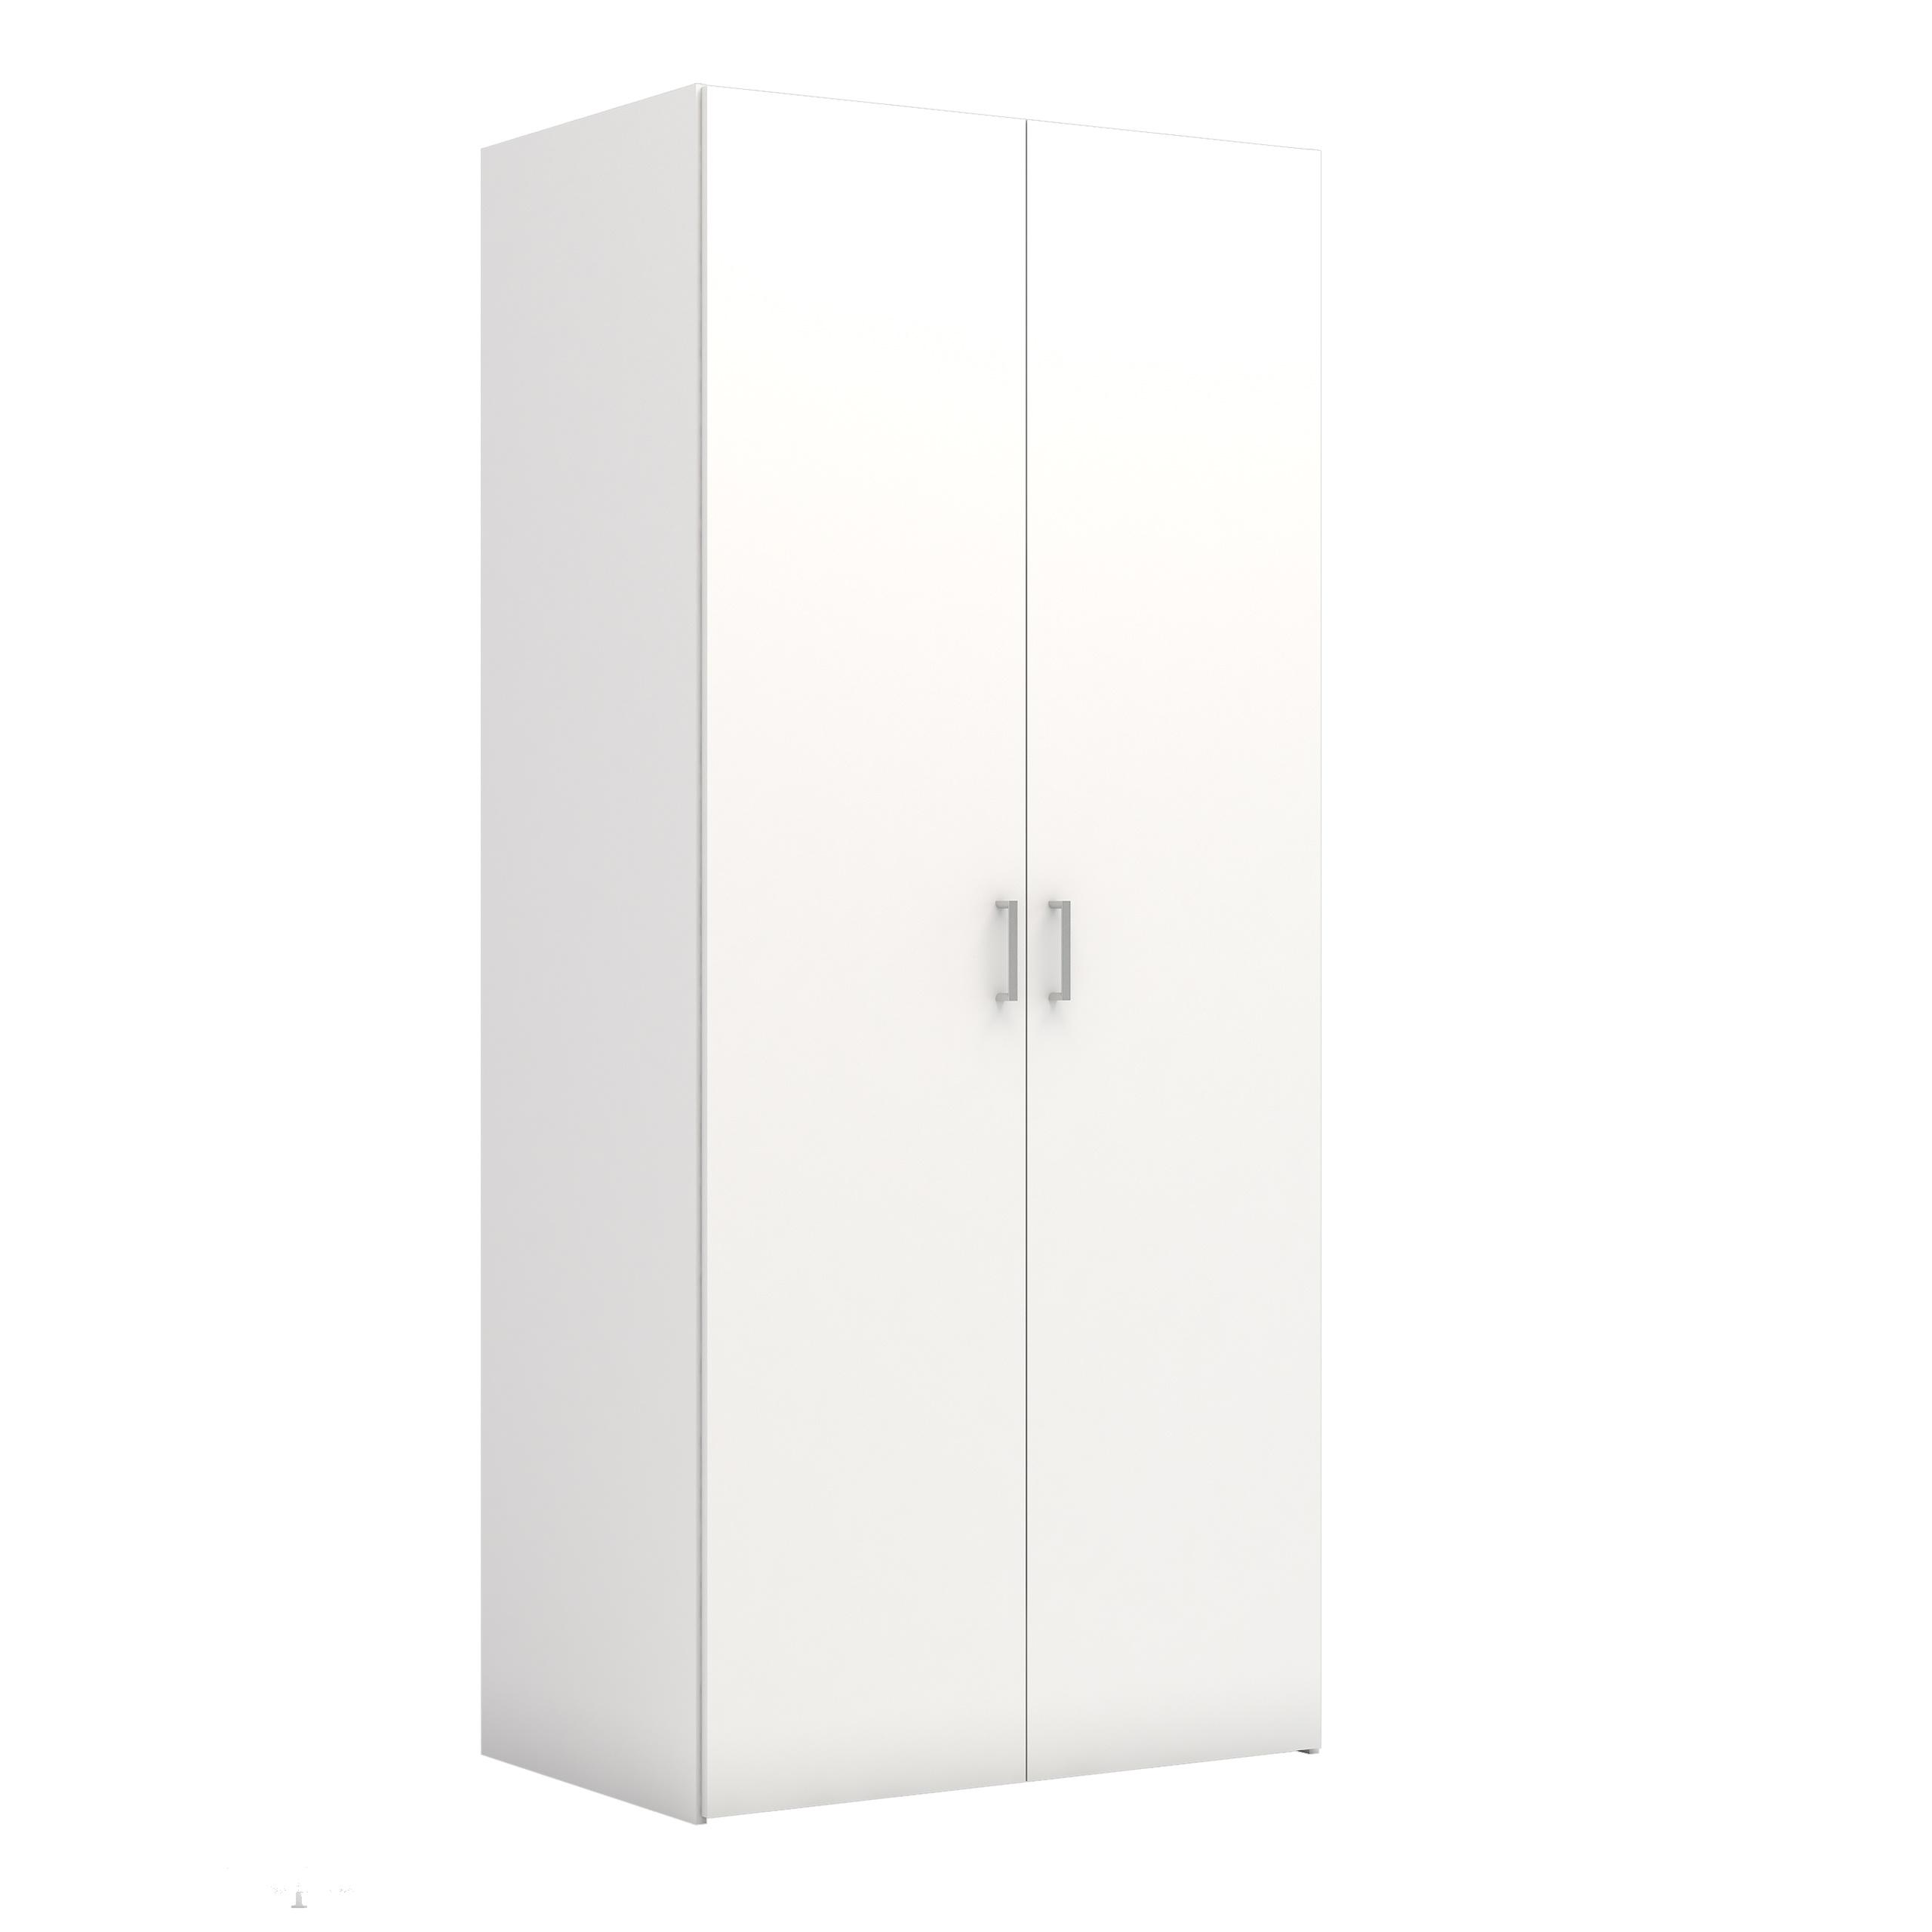 Space garderobeskab hvid 2 låger 5 hylder